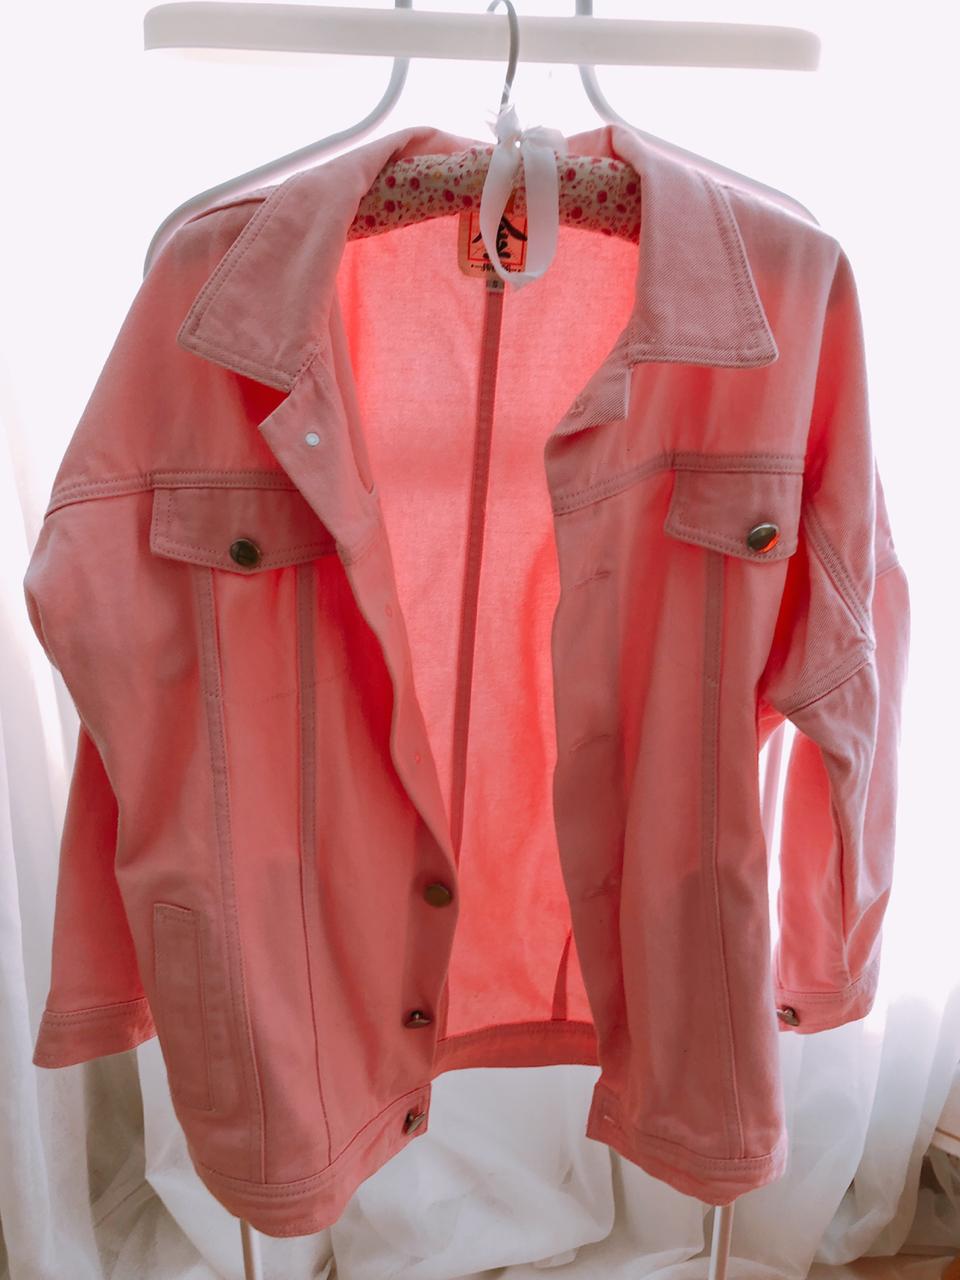 핑크자켓 한번착용 프리사이즈